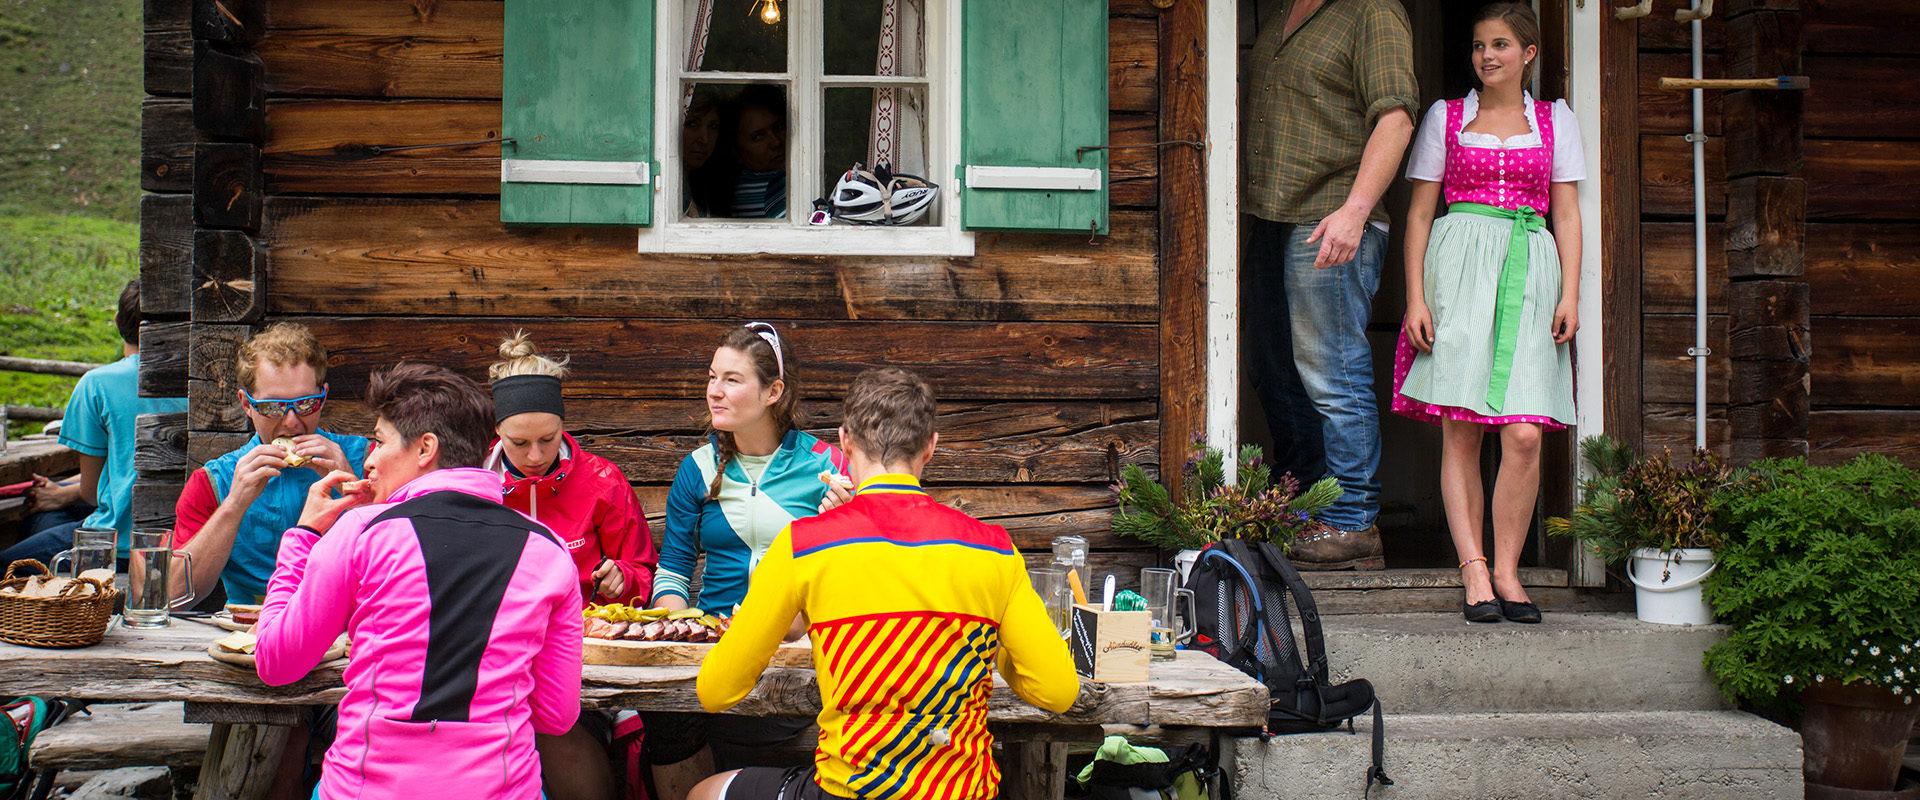 Jause und Brotzeit auf Alm nach Mountainbiketour